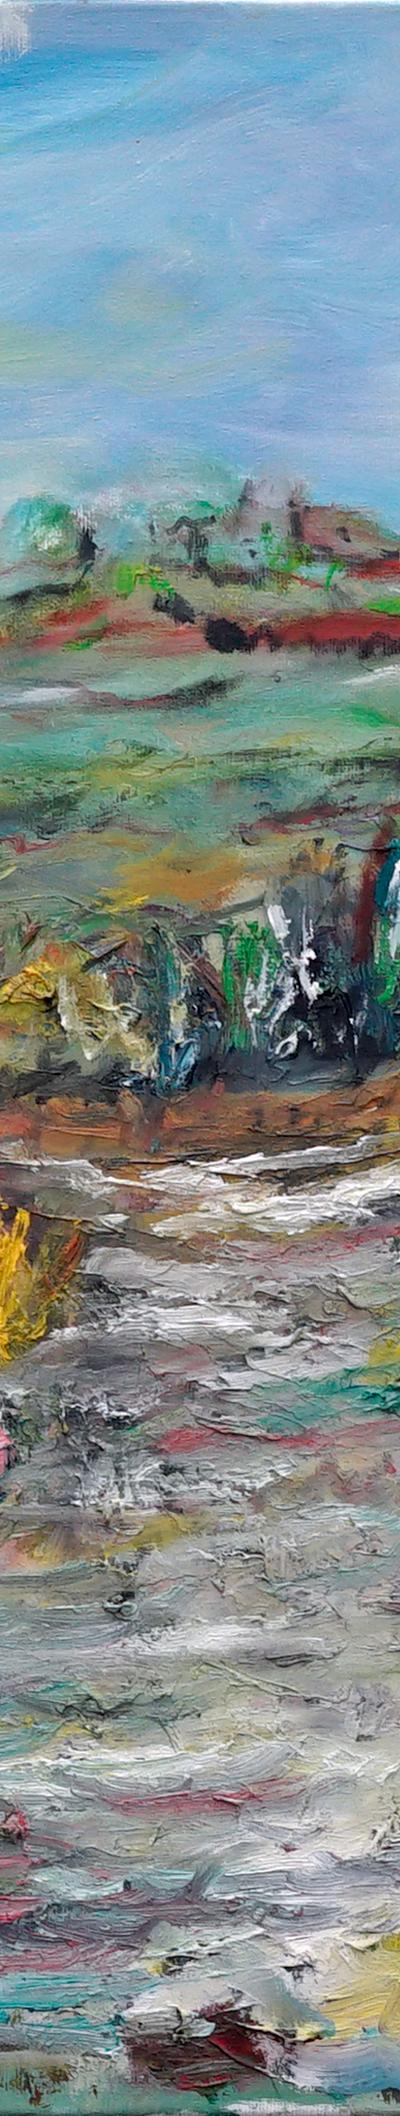 decision 60x90 cm,, oil on canvas